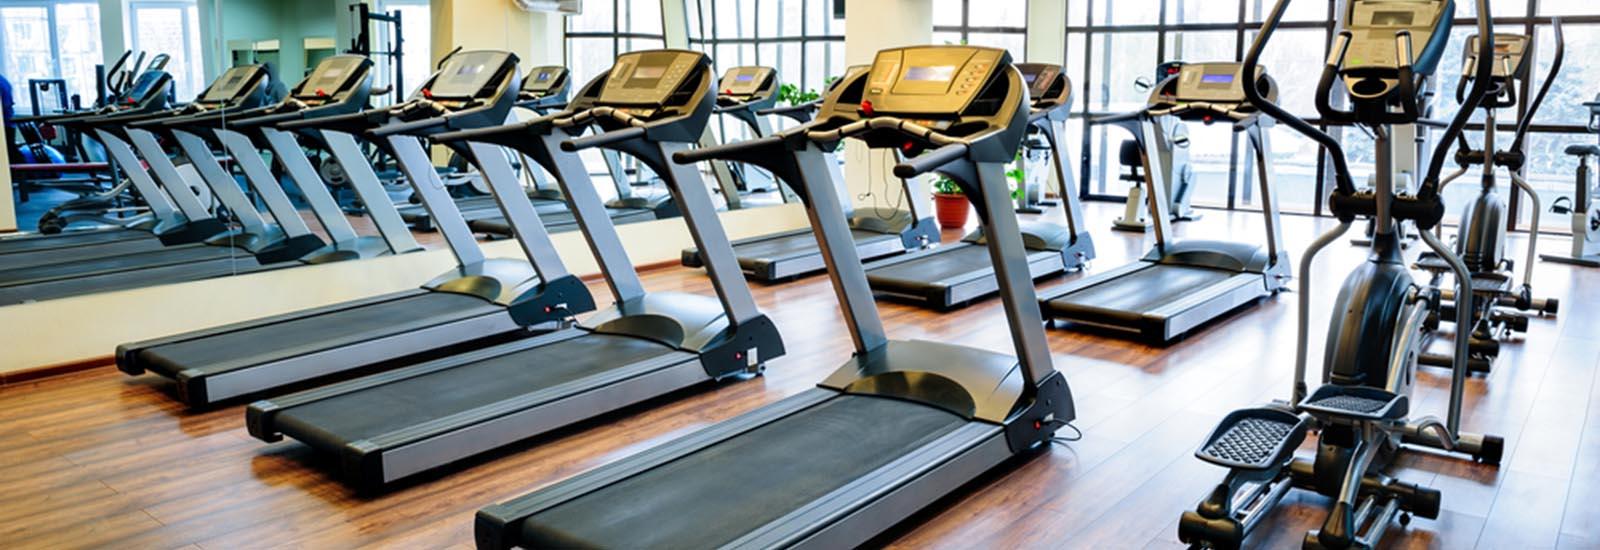 Treadmill Repair Company